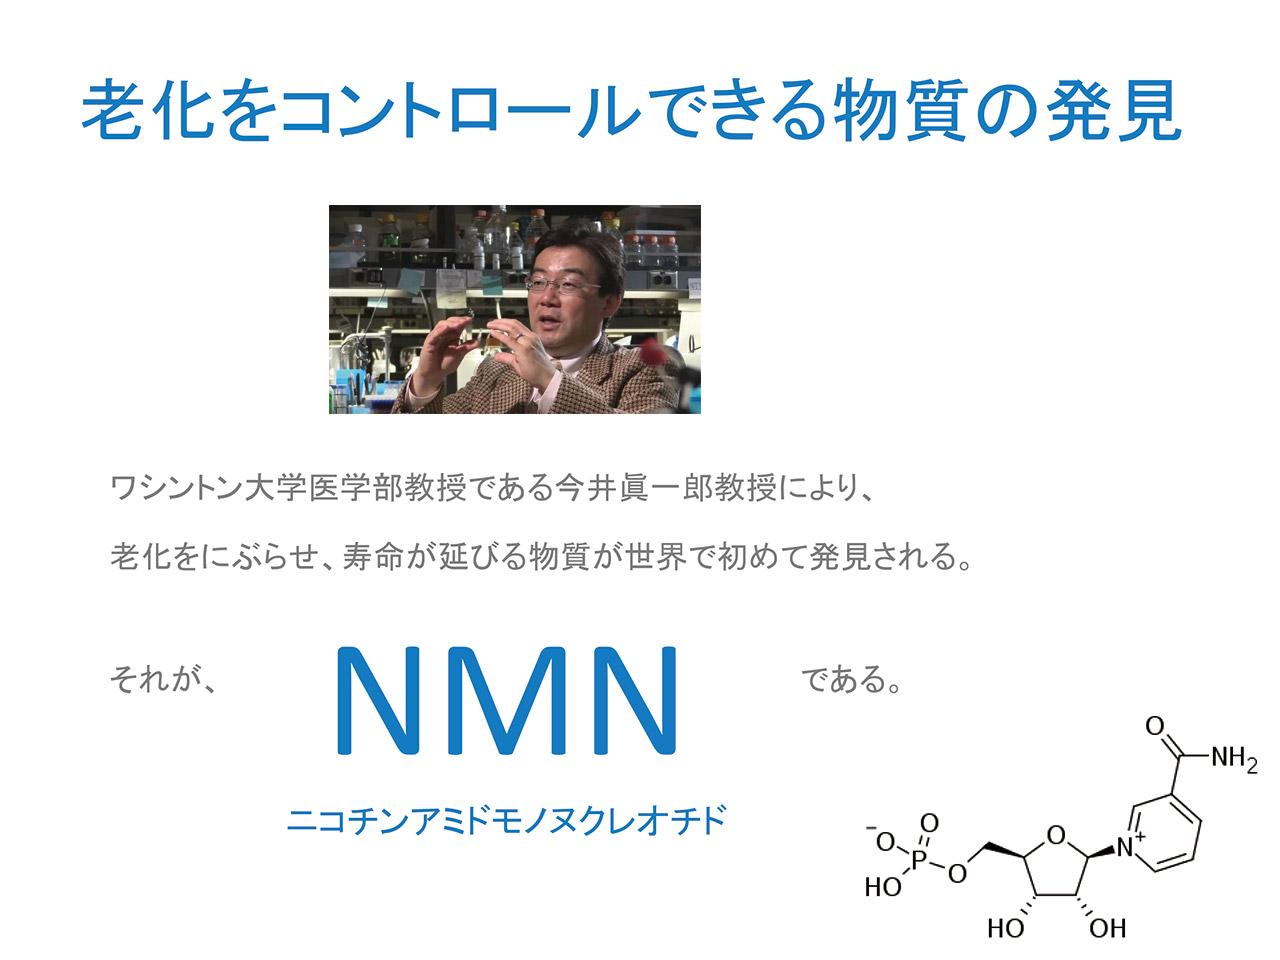 老化をコントロールできる物質の発見 NMN